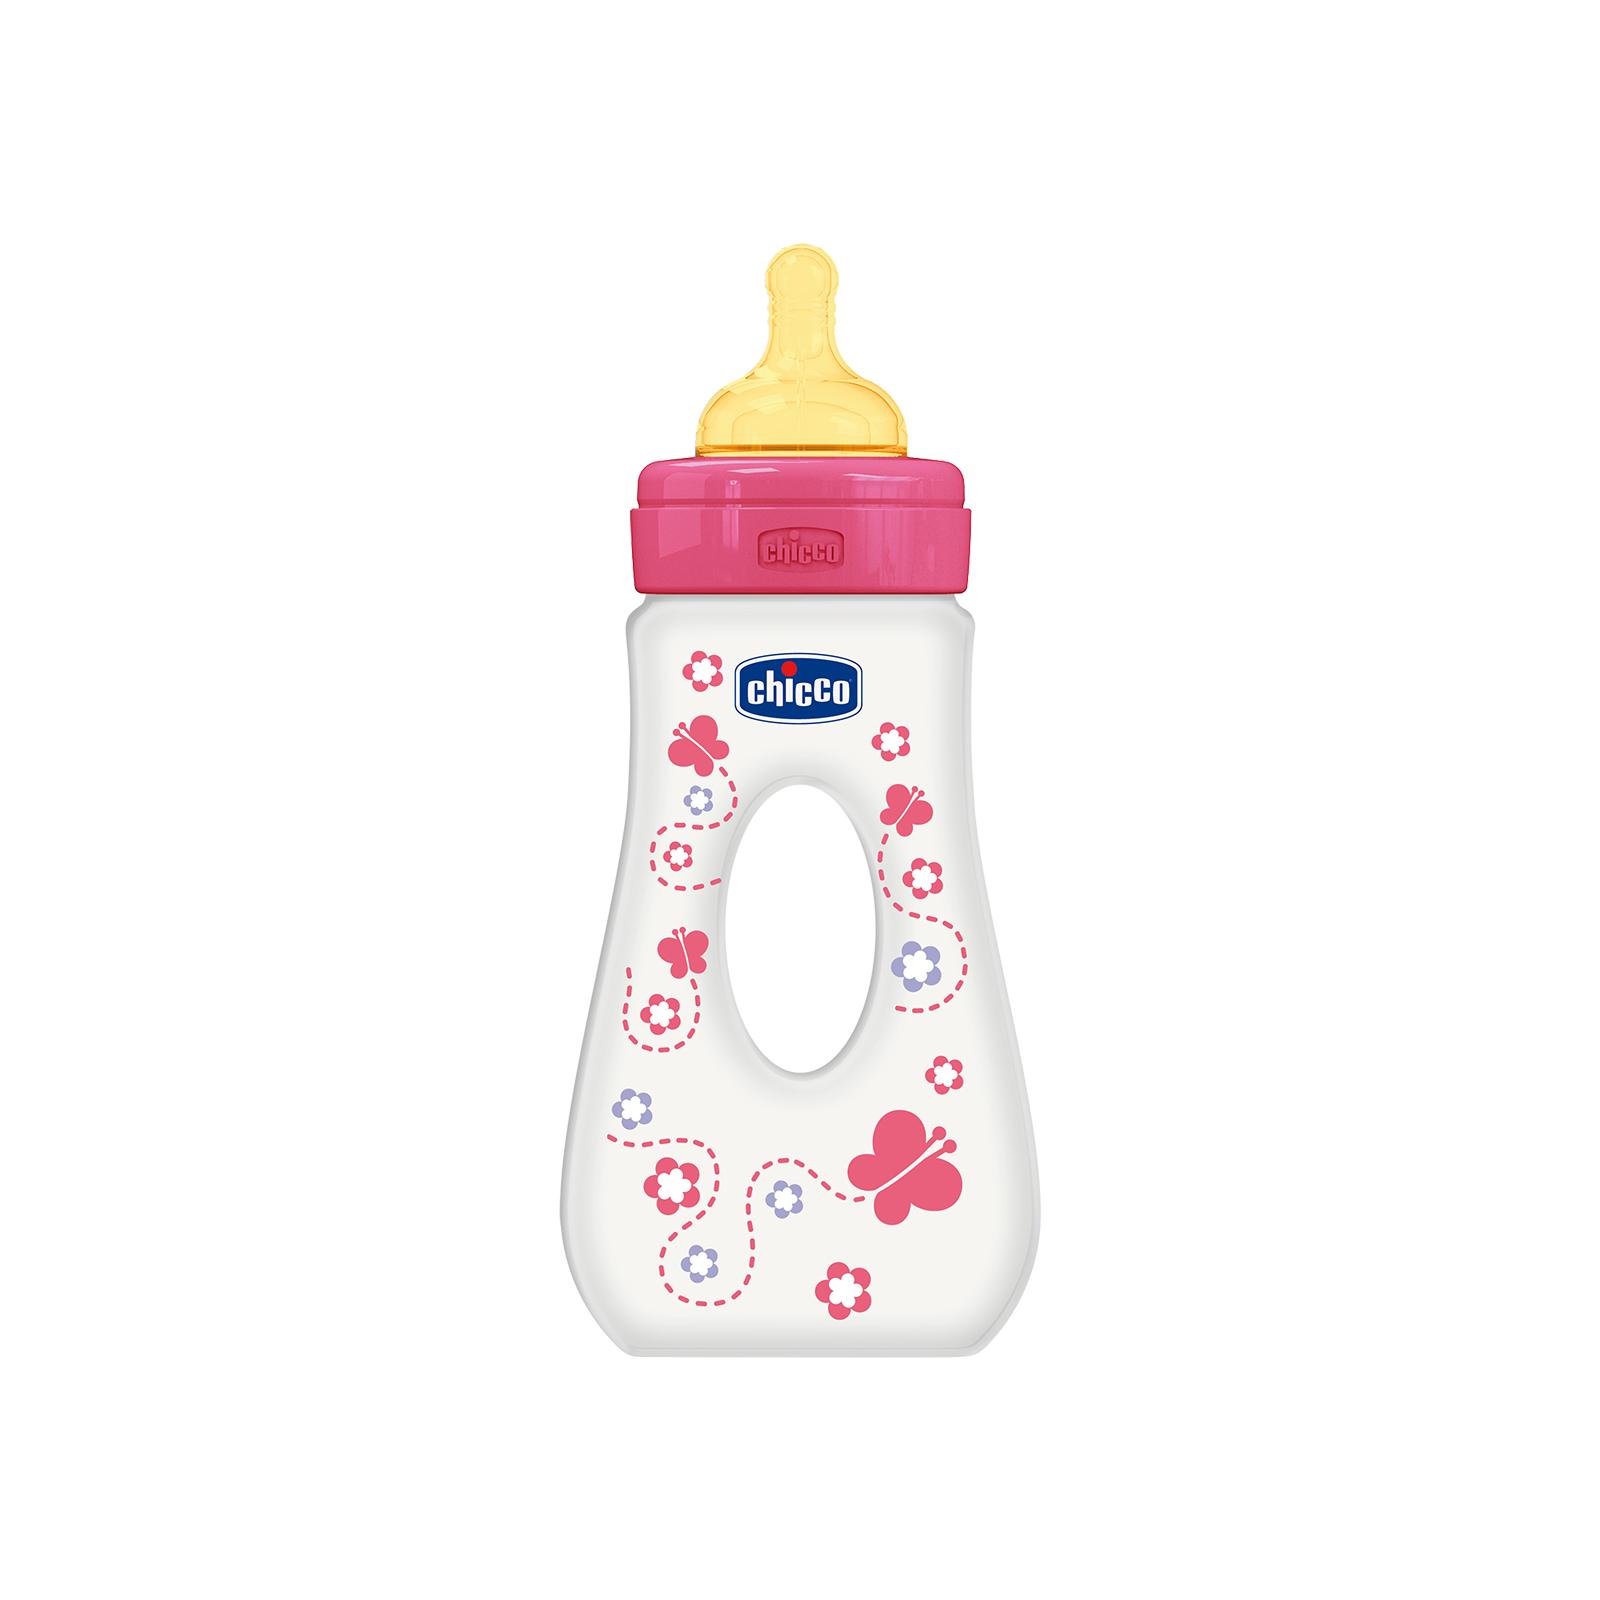 Бутылочка для кормления Chicco Travelling 240 мл с латексной соской 4 мес+ для девочек (75724.11)